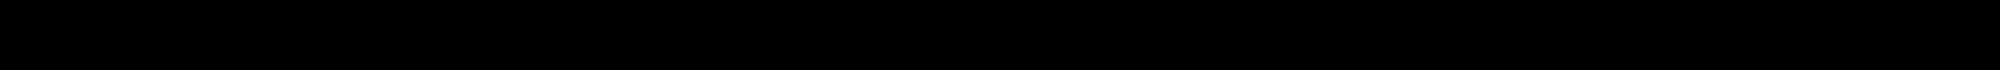 Image-Shr-vic-4